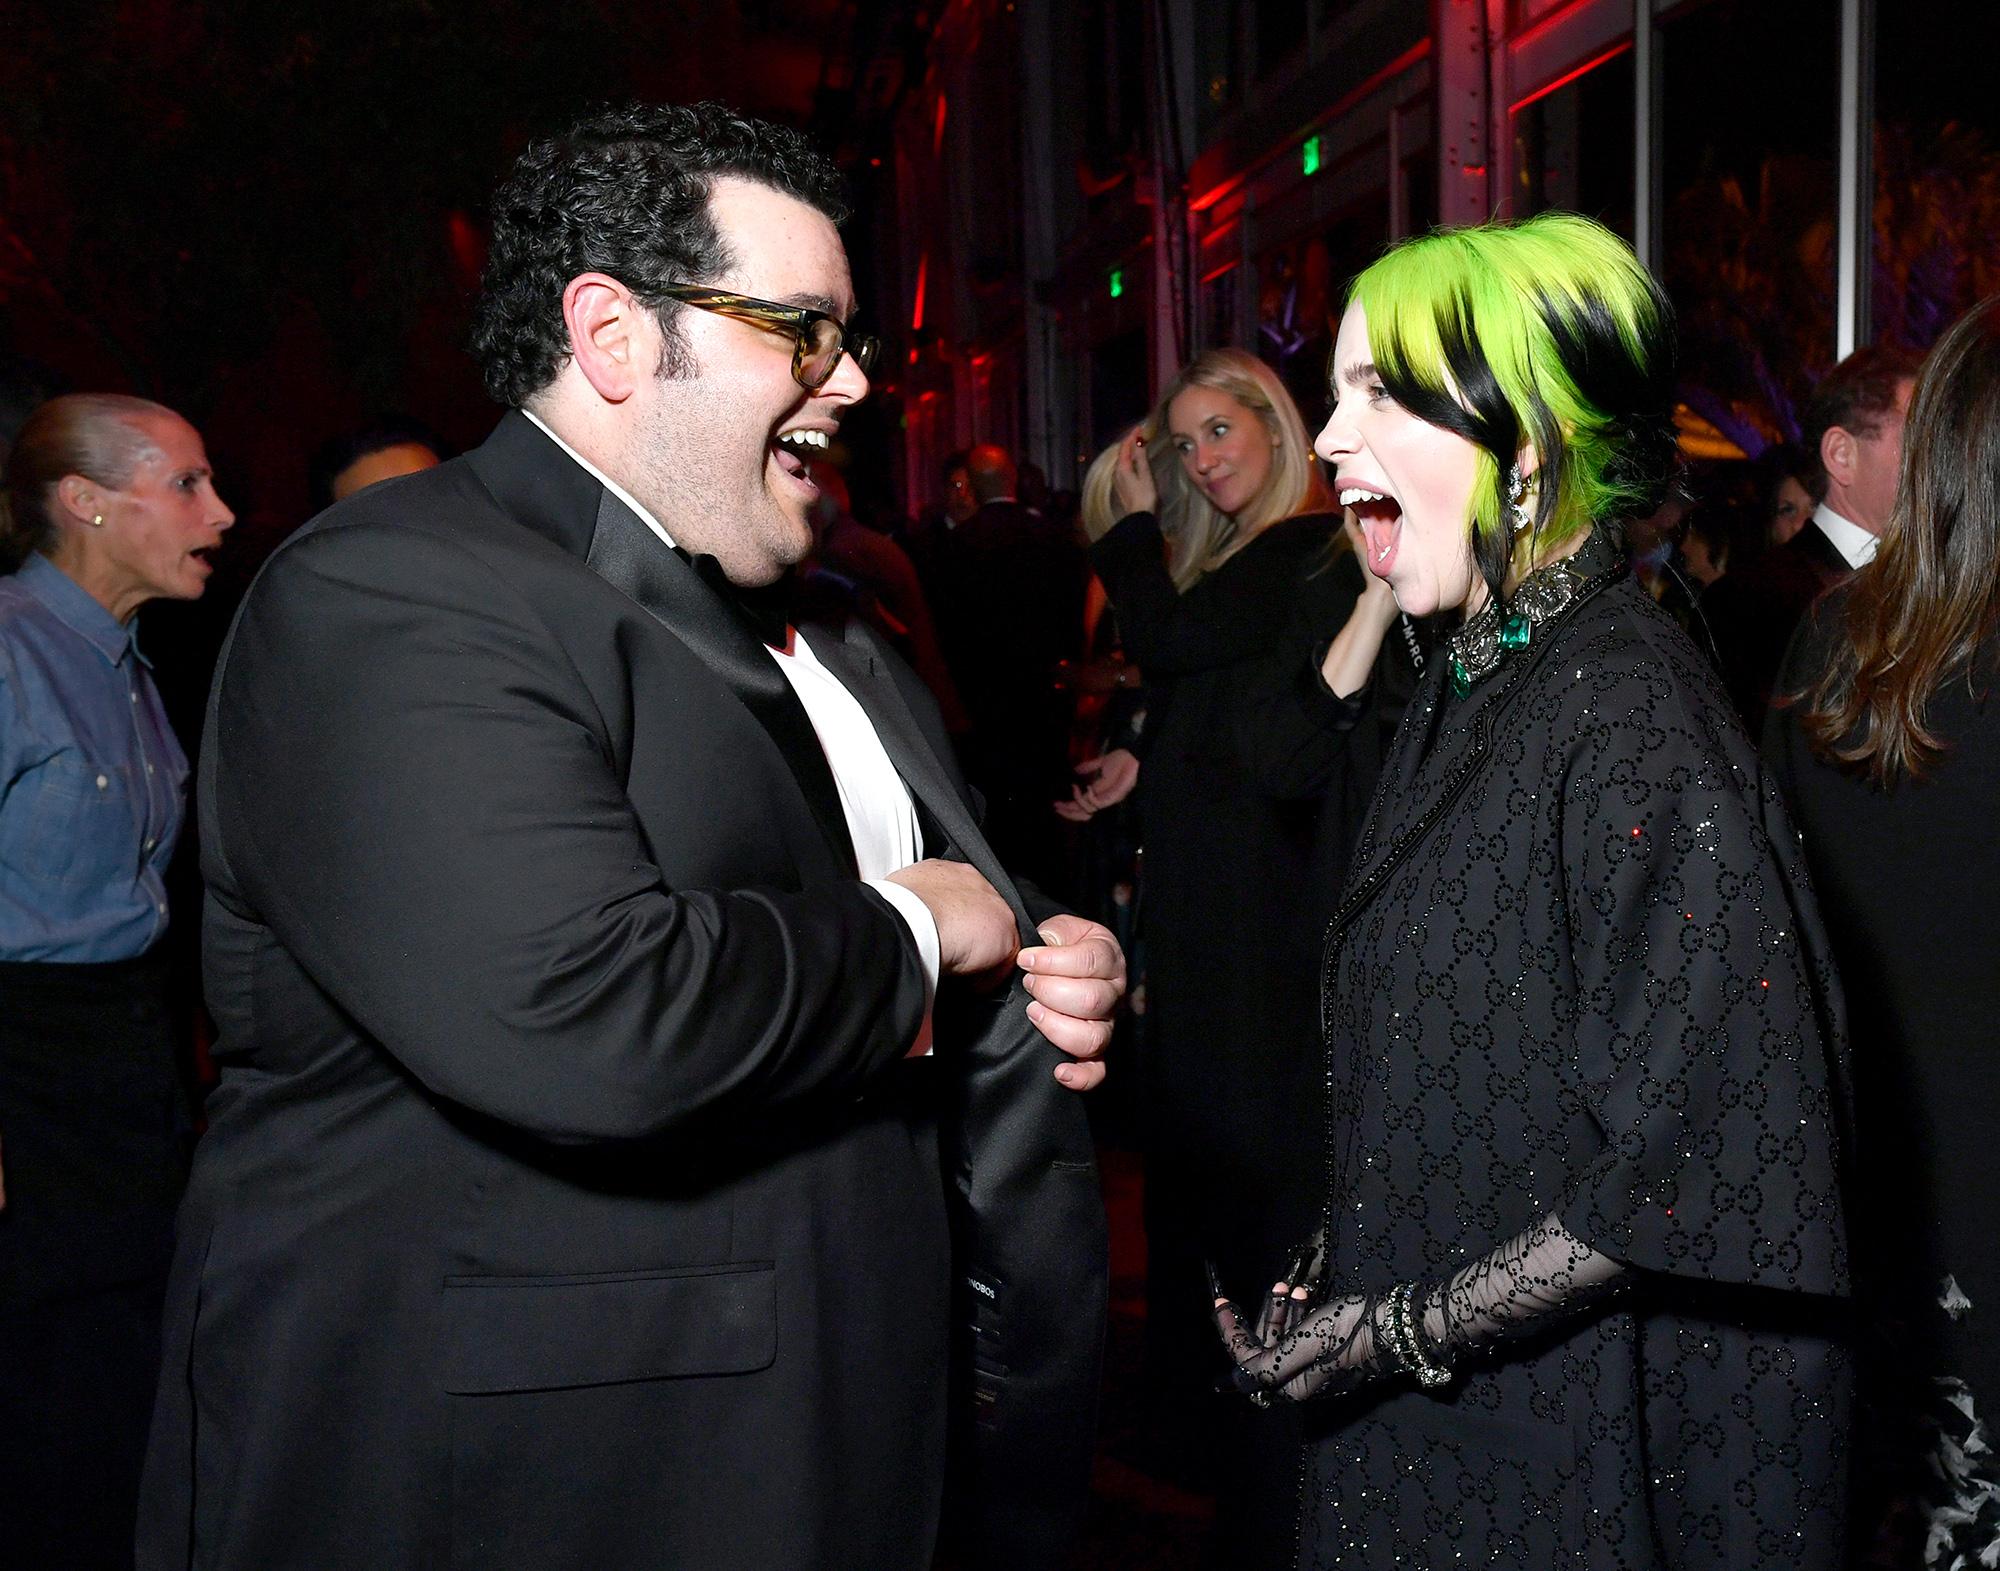 Актер Джош Гэд ипевица Билли Айлиш навечеринке Vanity Fair. Айлиш успела переодеться изкостюма Chanel, вкотором она пришла нацеремонию, вGucci.